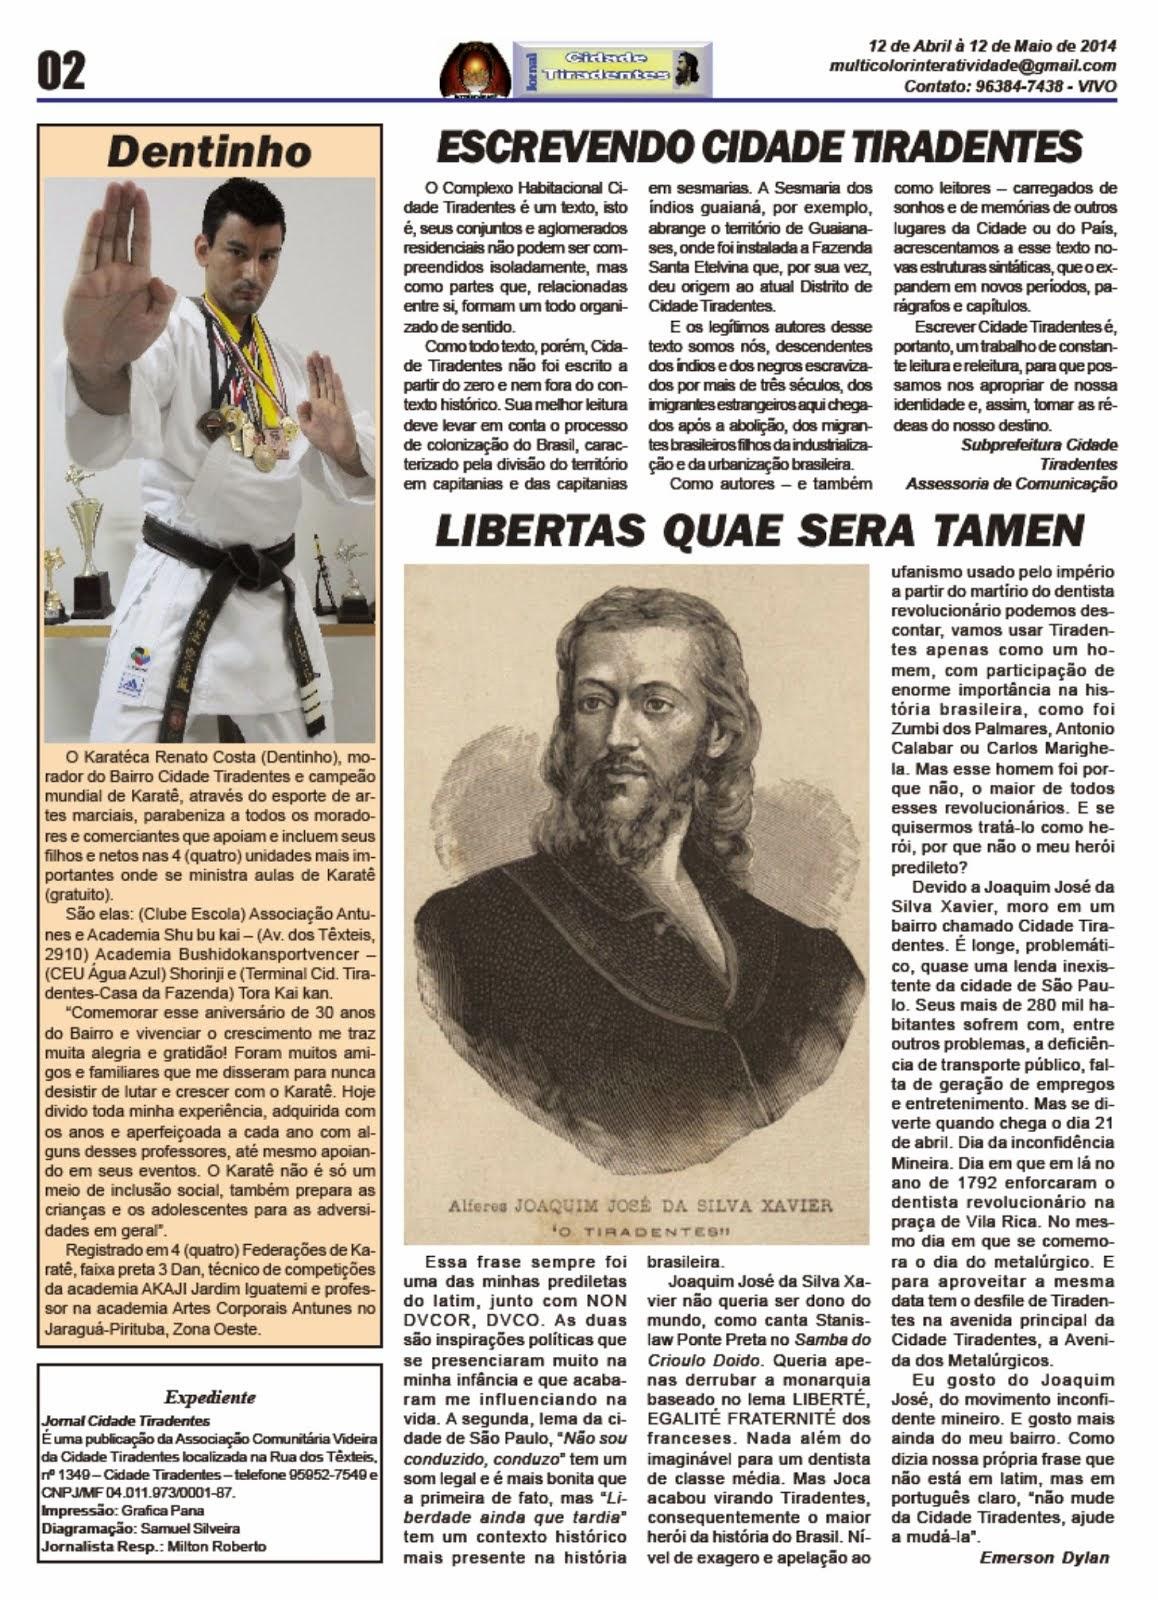 Jornal Cidade Tiradentes 54 - Edição nº 54